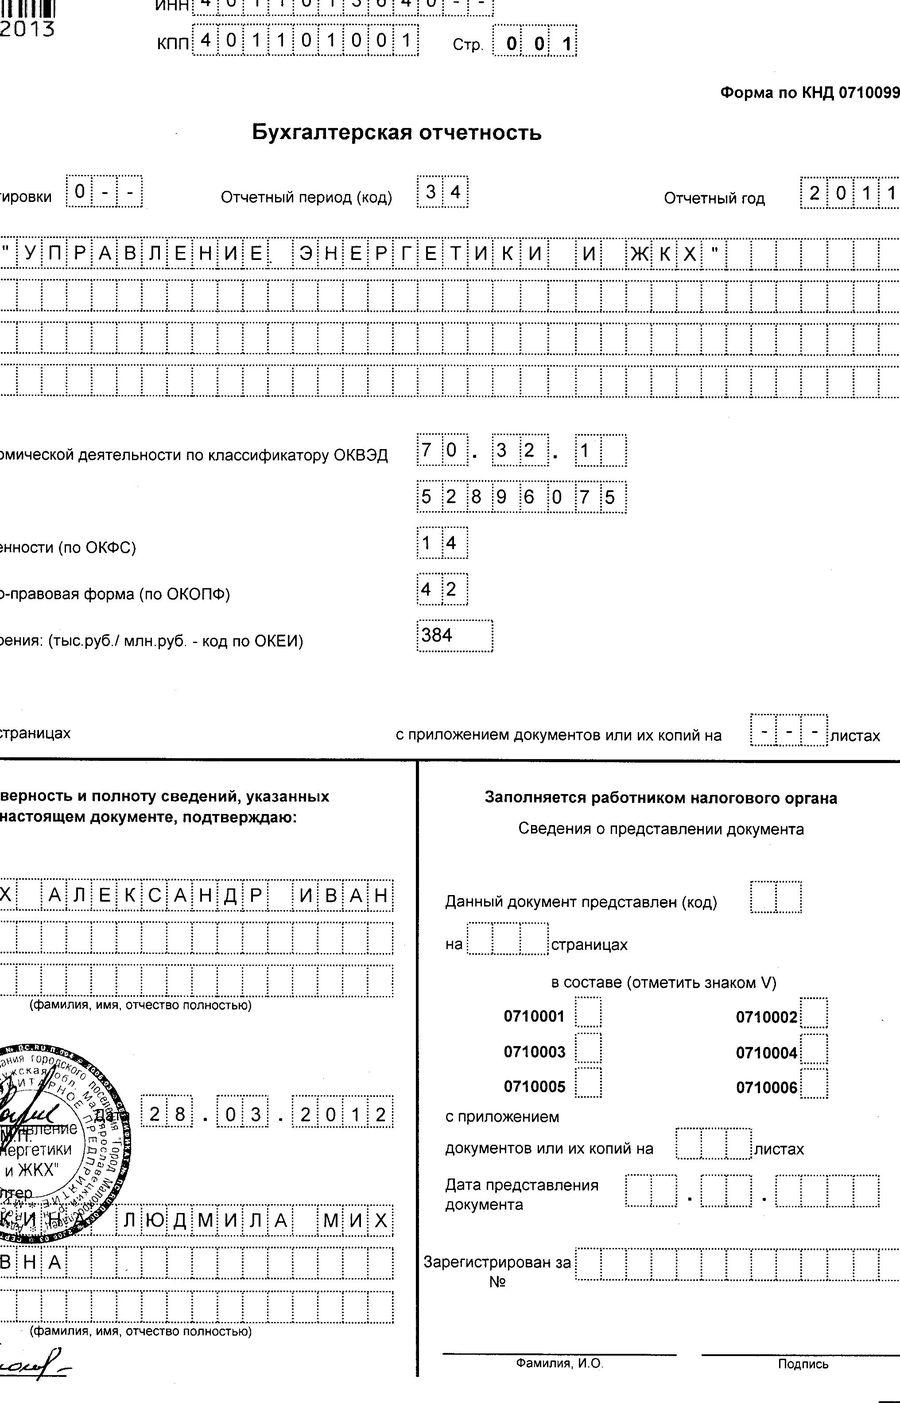 бланк баланса для некоммерческой организации кдн 0710099